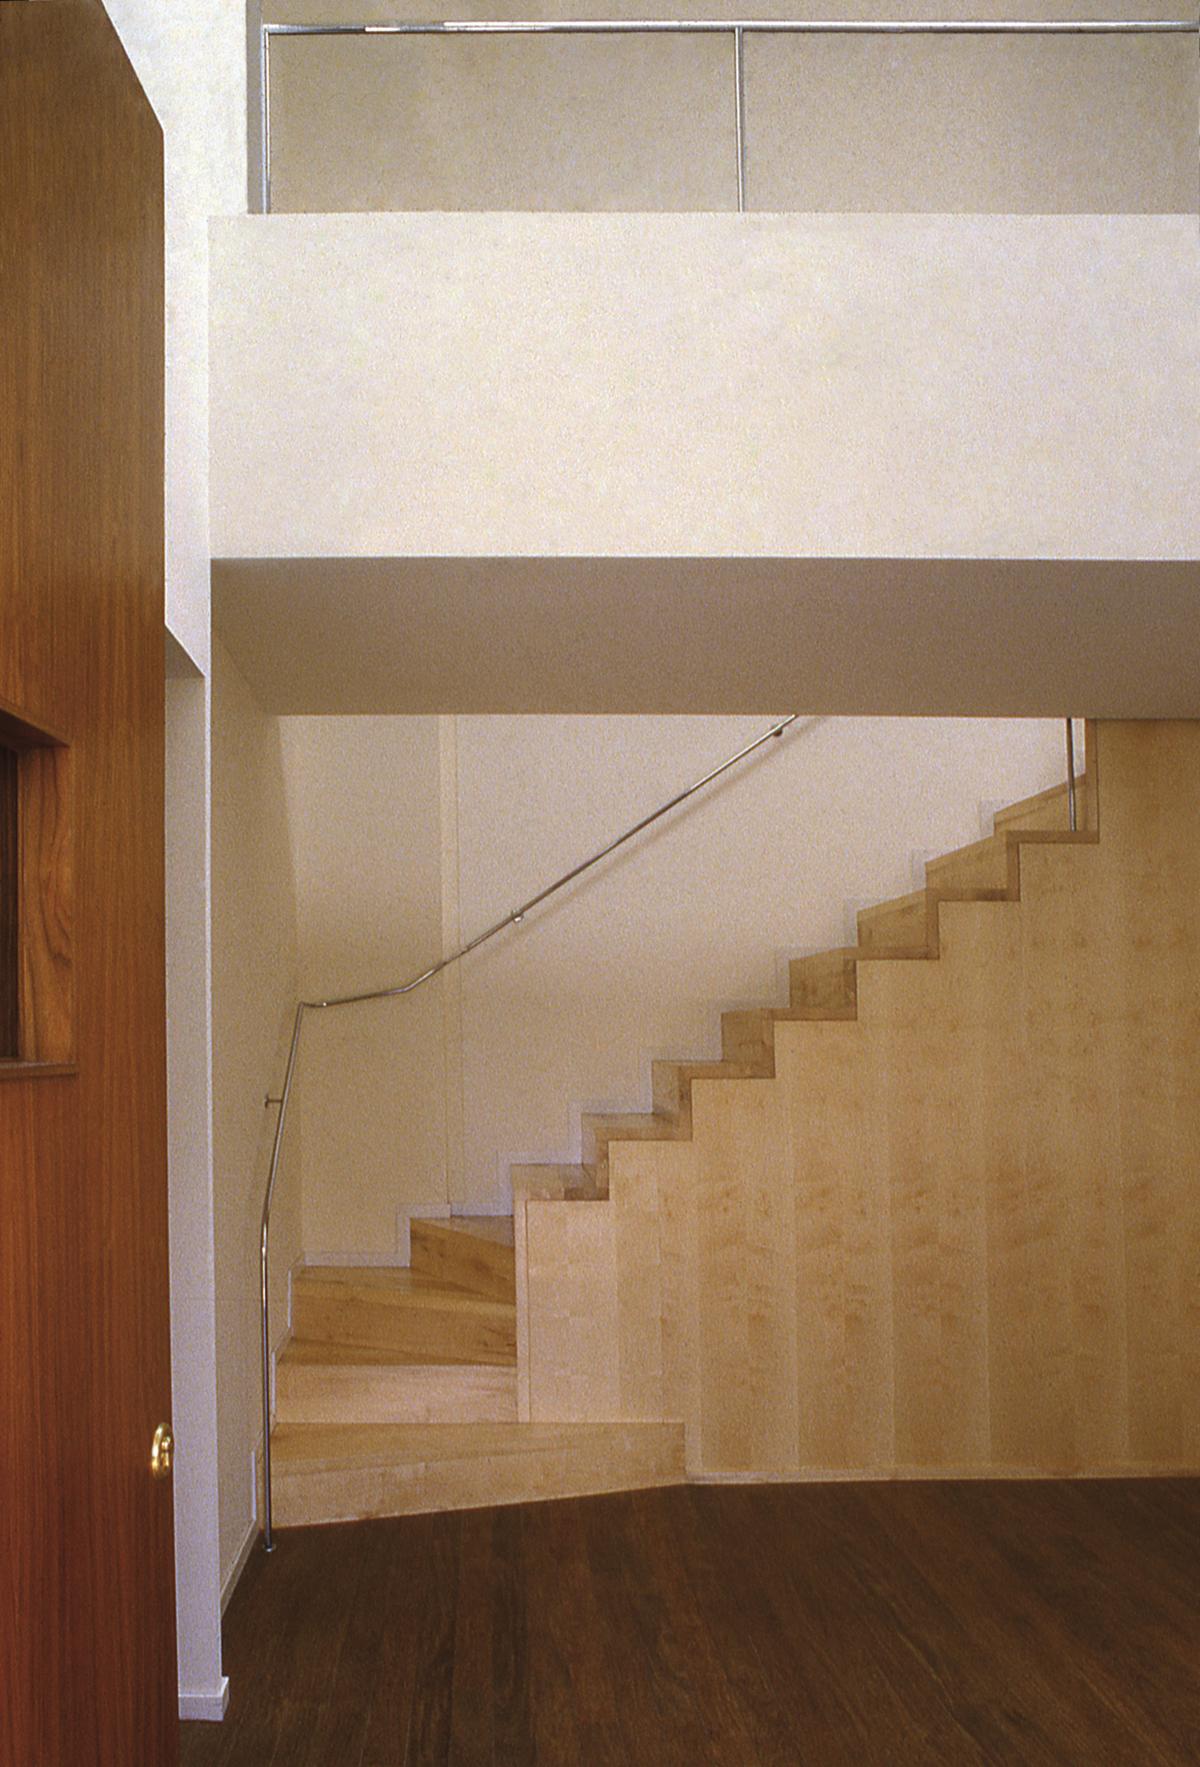 Reforma Interior casa M. Lizcano | Imagen de proyecto7